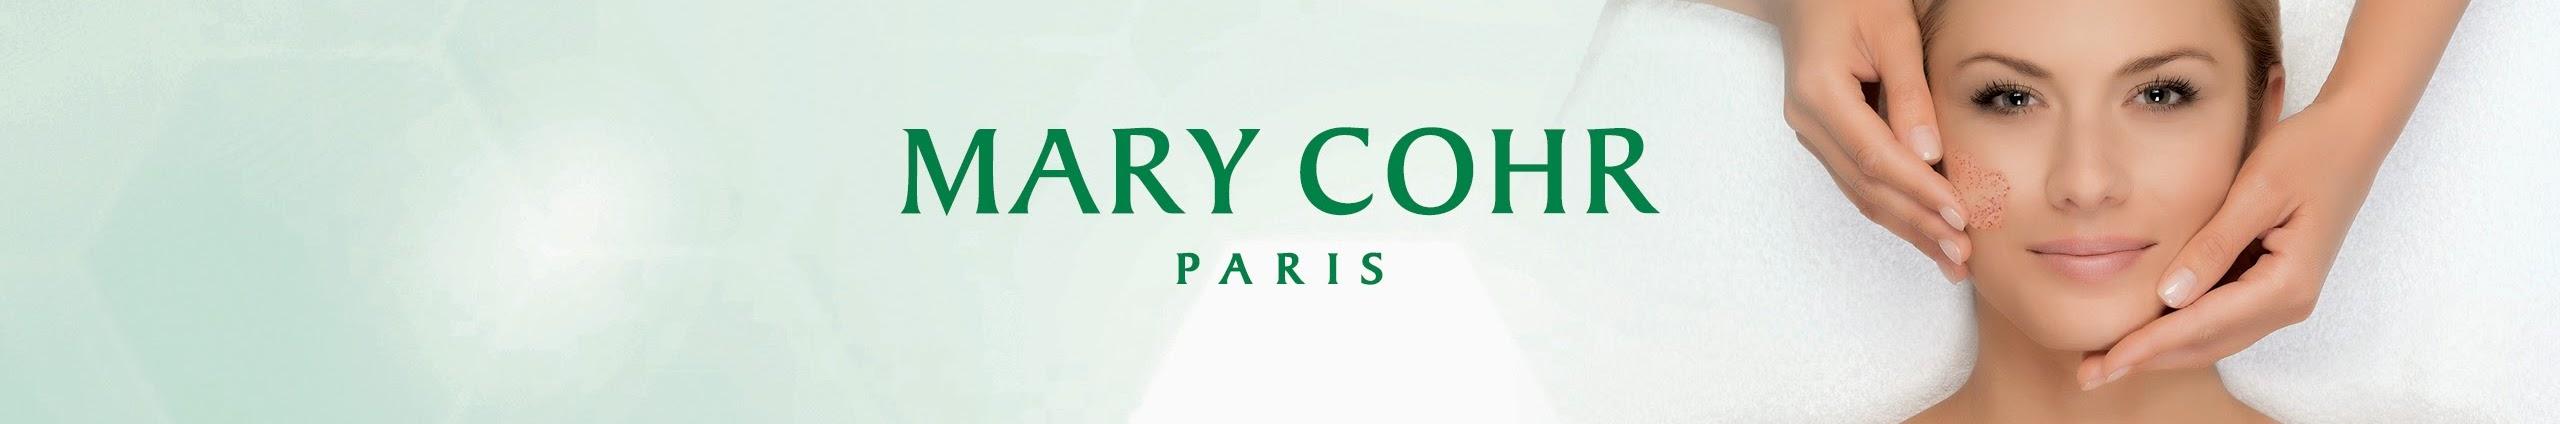 BlueSpa Chartres - Mary Cohr Paris